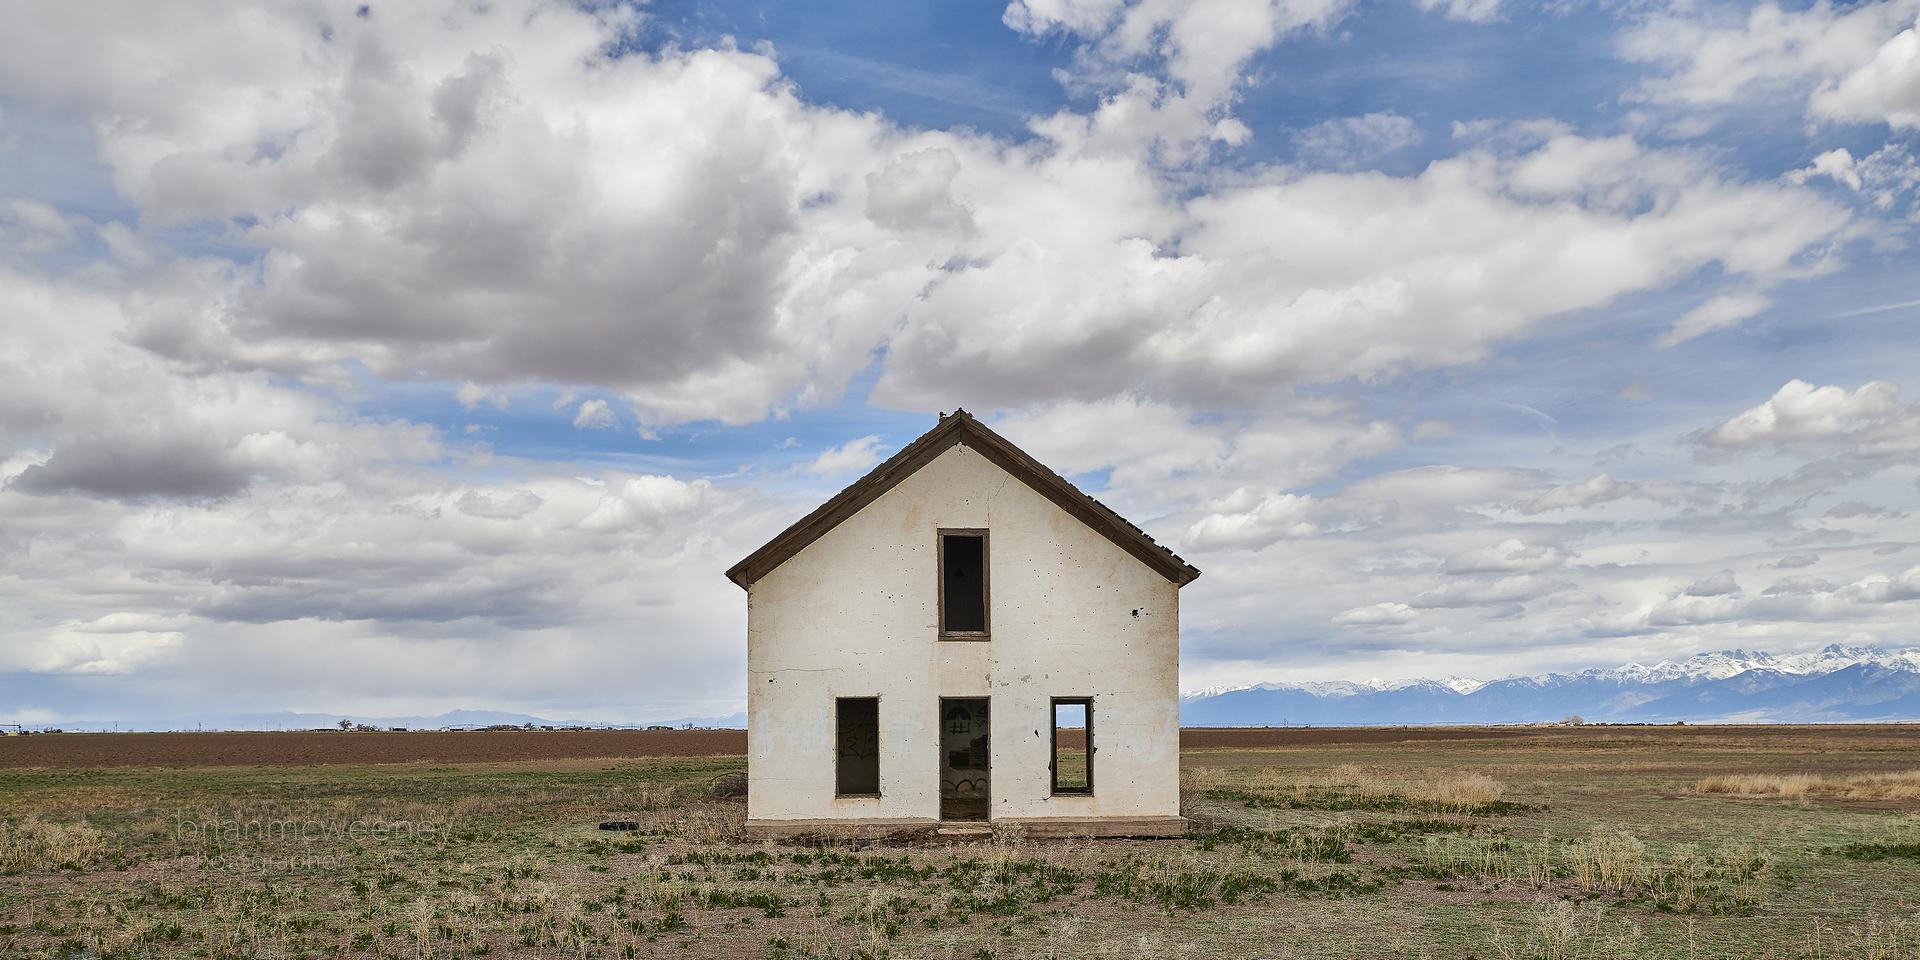 Colorado Farmhouse, Mosca Colorado, 2019 Photograph